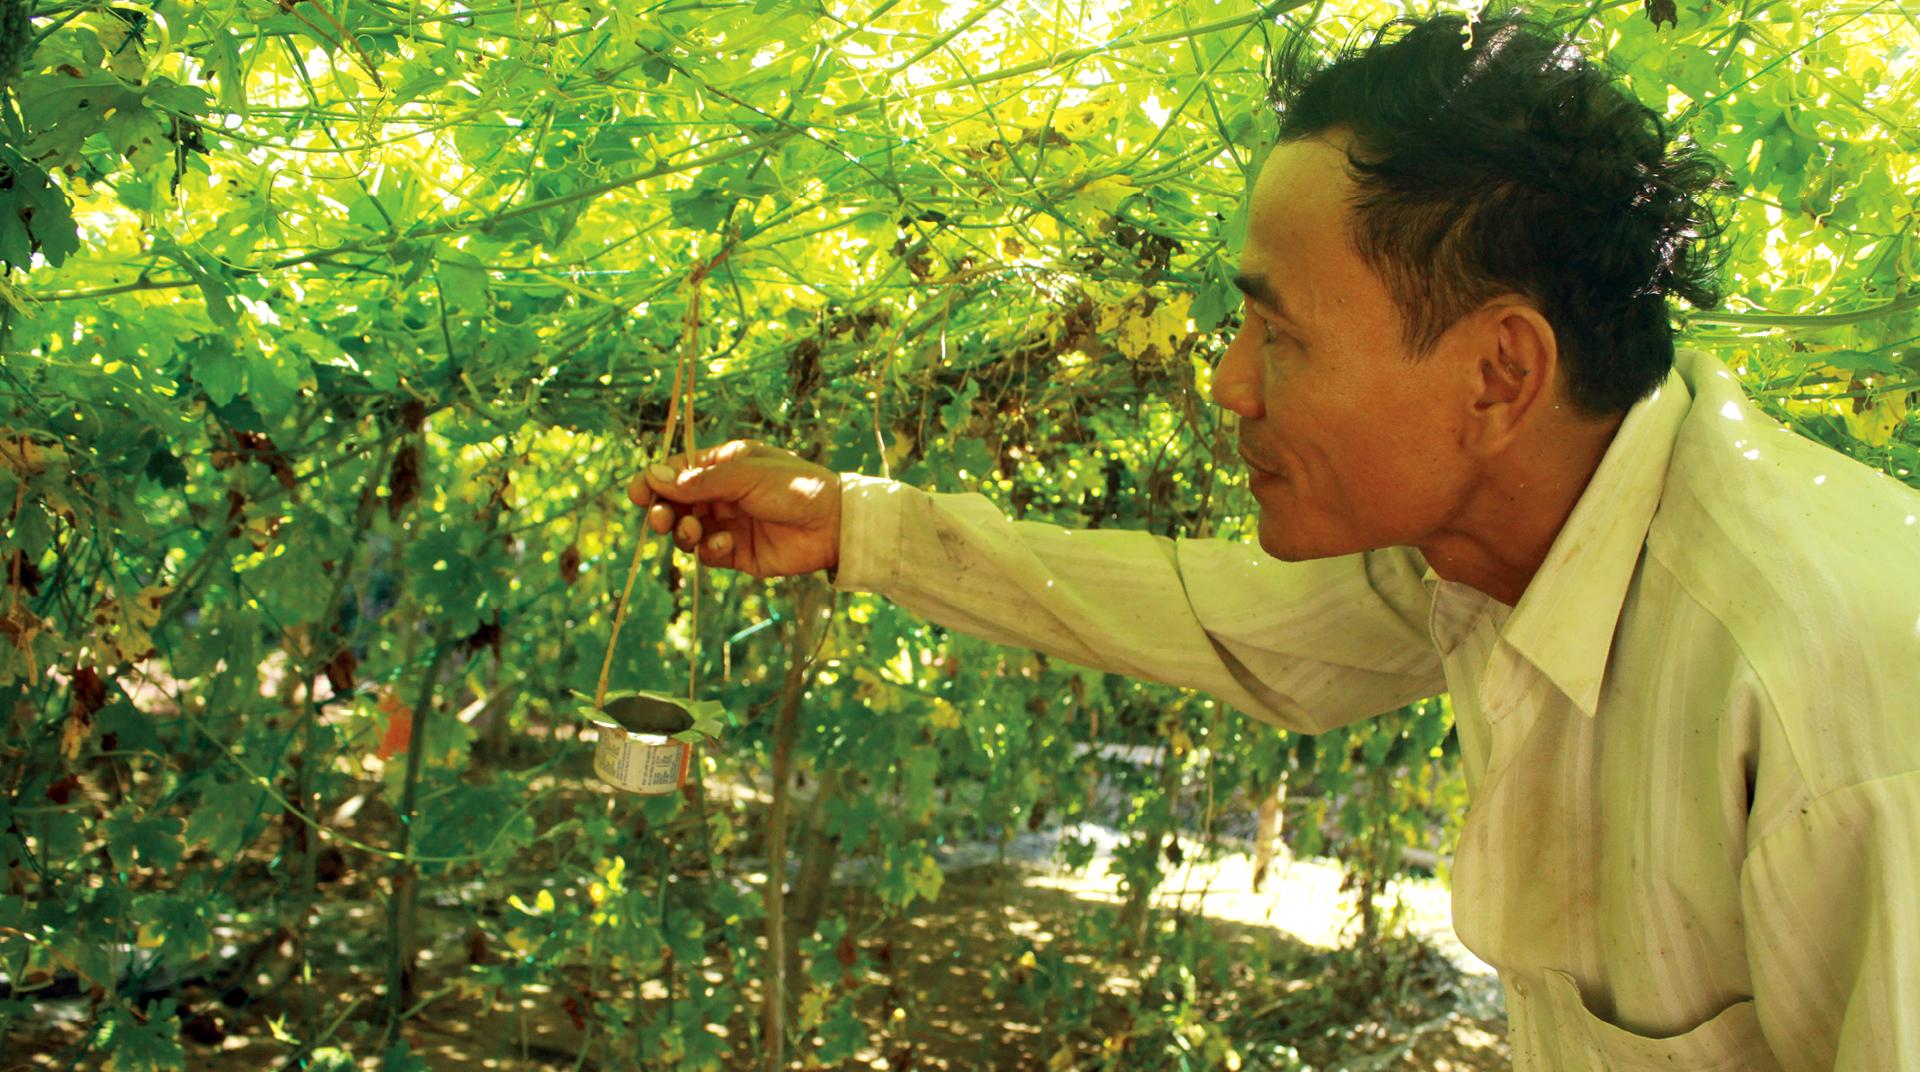 Nông dân tự làm bẫy sinh học, trừ sâu thảo mộc để trồng rau hữu cơ ảnh 5